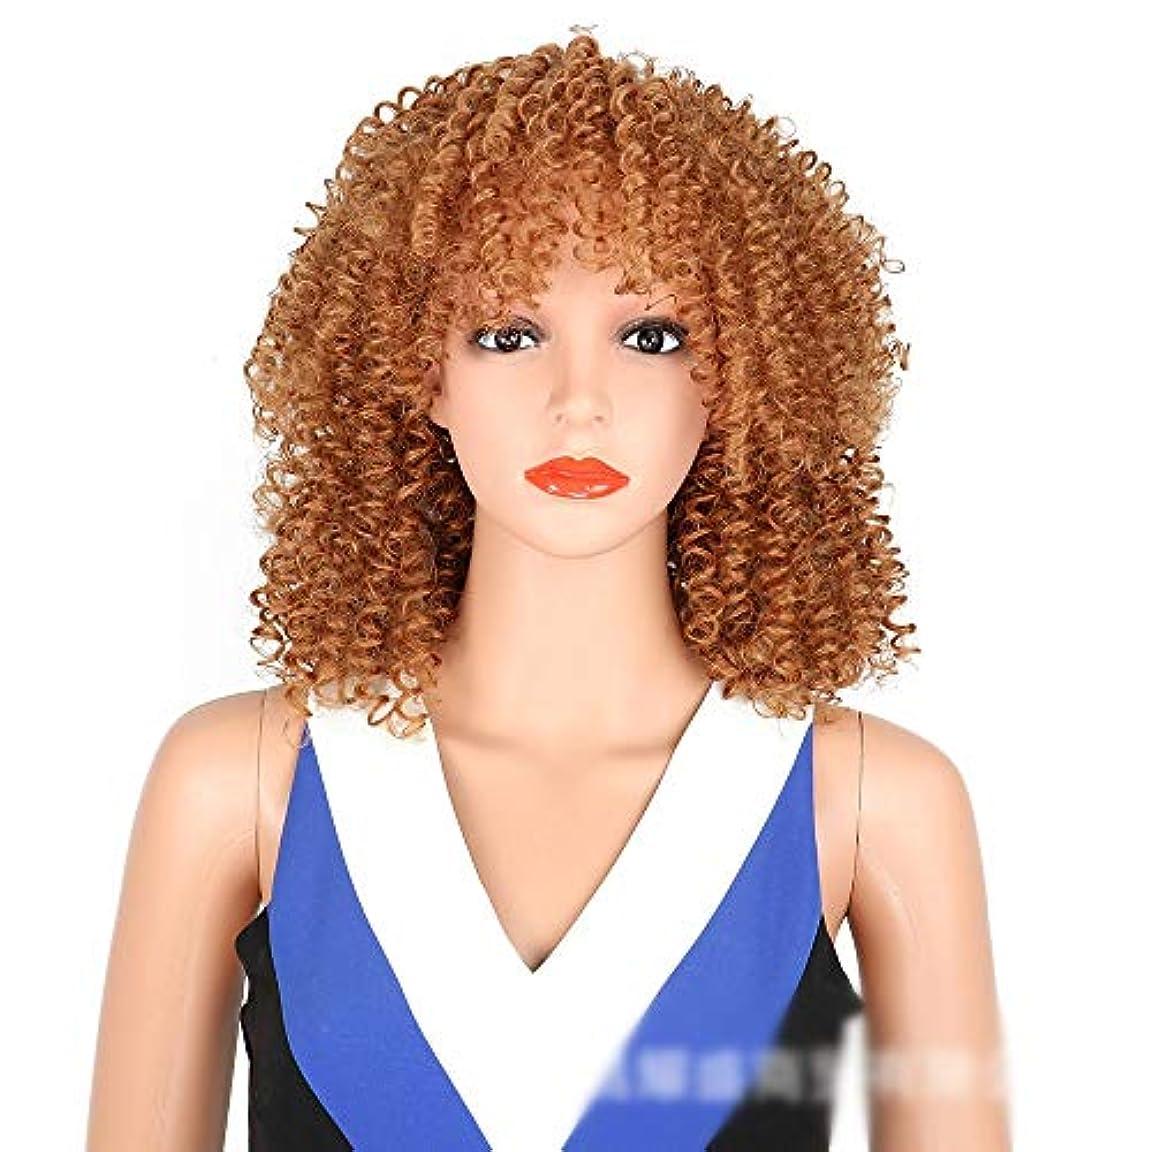 スタイル縞模様の守るJULYTER 前髪爆発ヘッドささやかな巻き毛のかつらコスプレパーティートリムでアフリカの黒人女性の短い巻き毛 (色 : ブラウン)